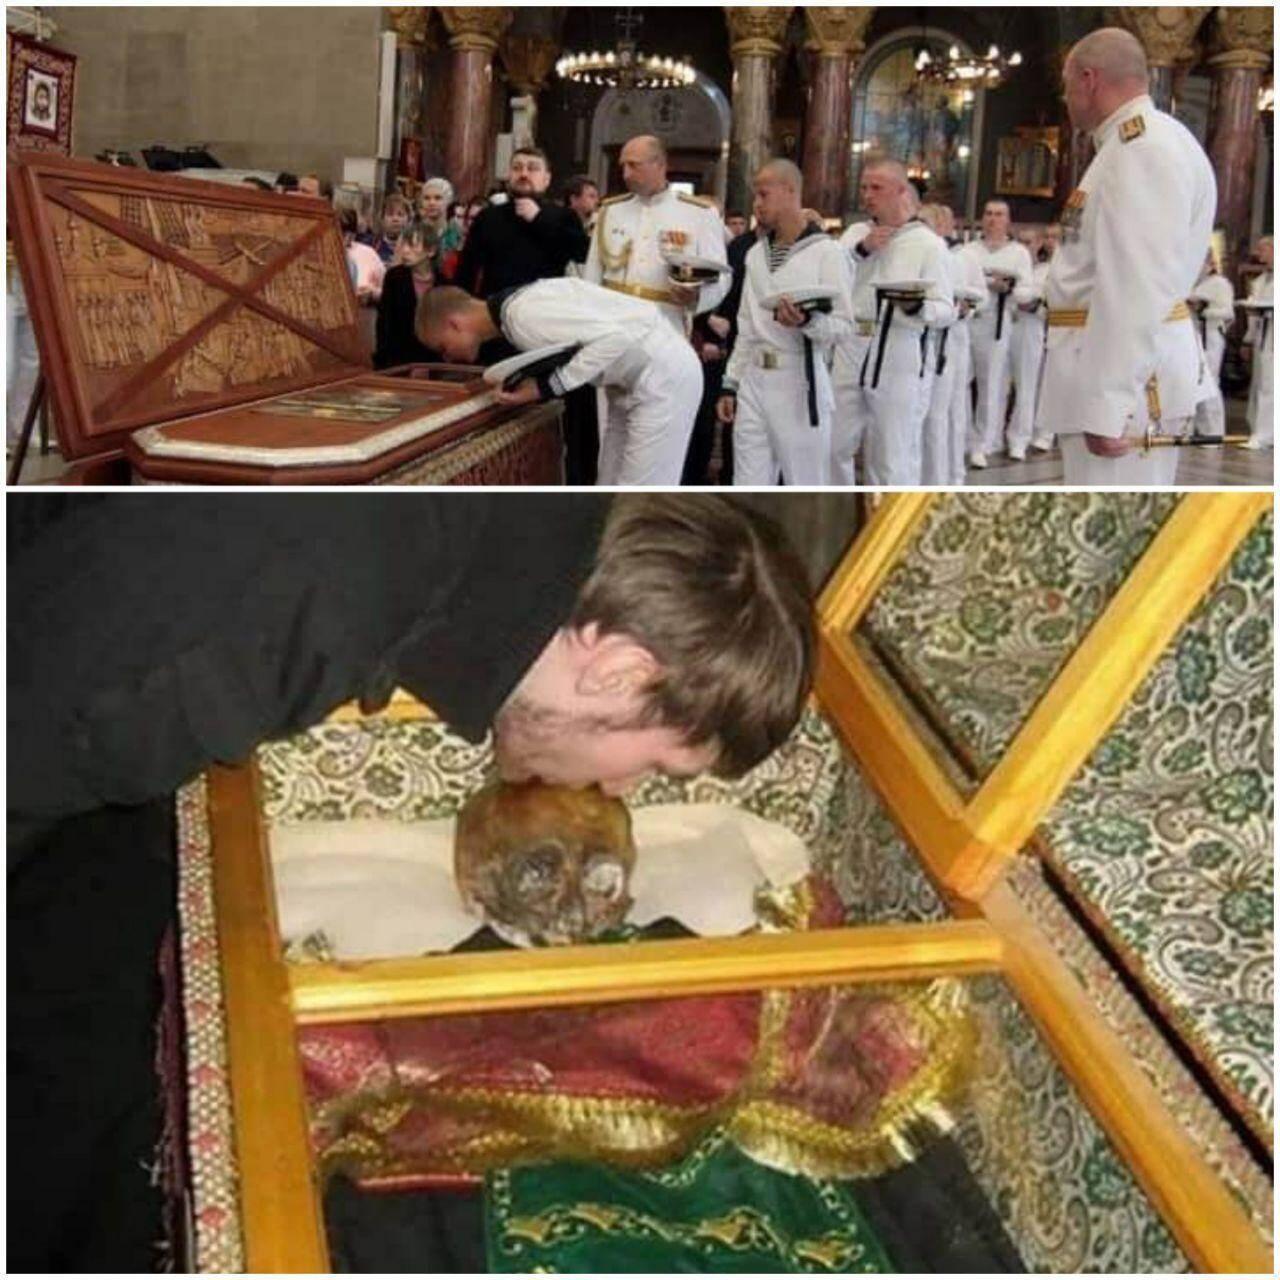 Раку з мощами Ушакова, якого РПЦ канонізувала, виставили для поклоніння